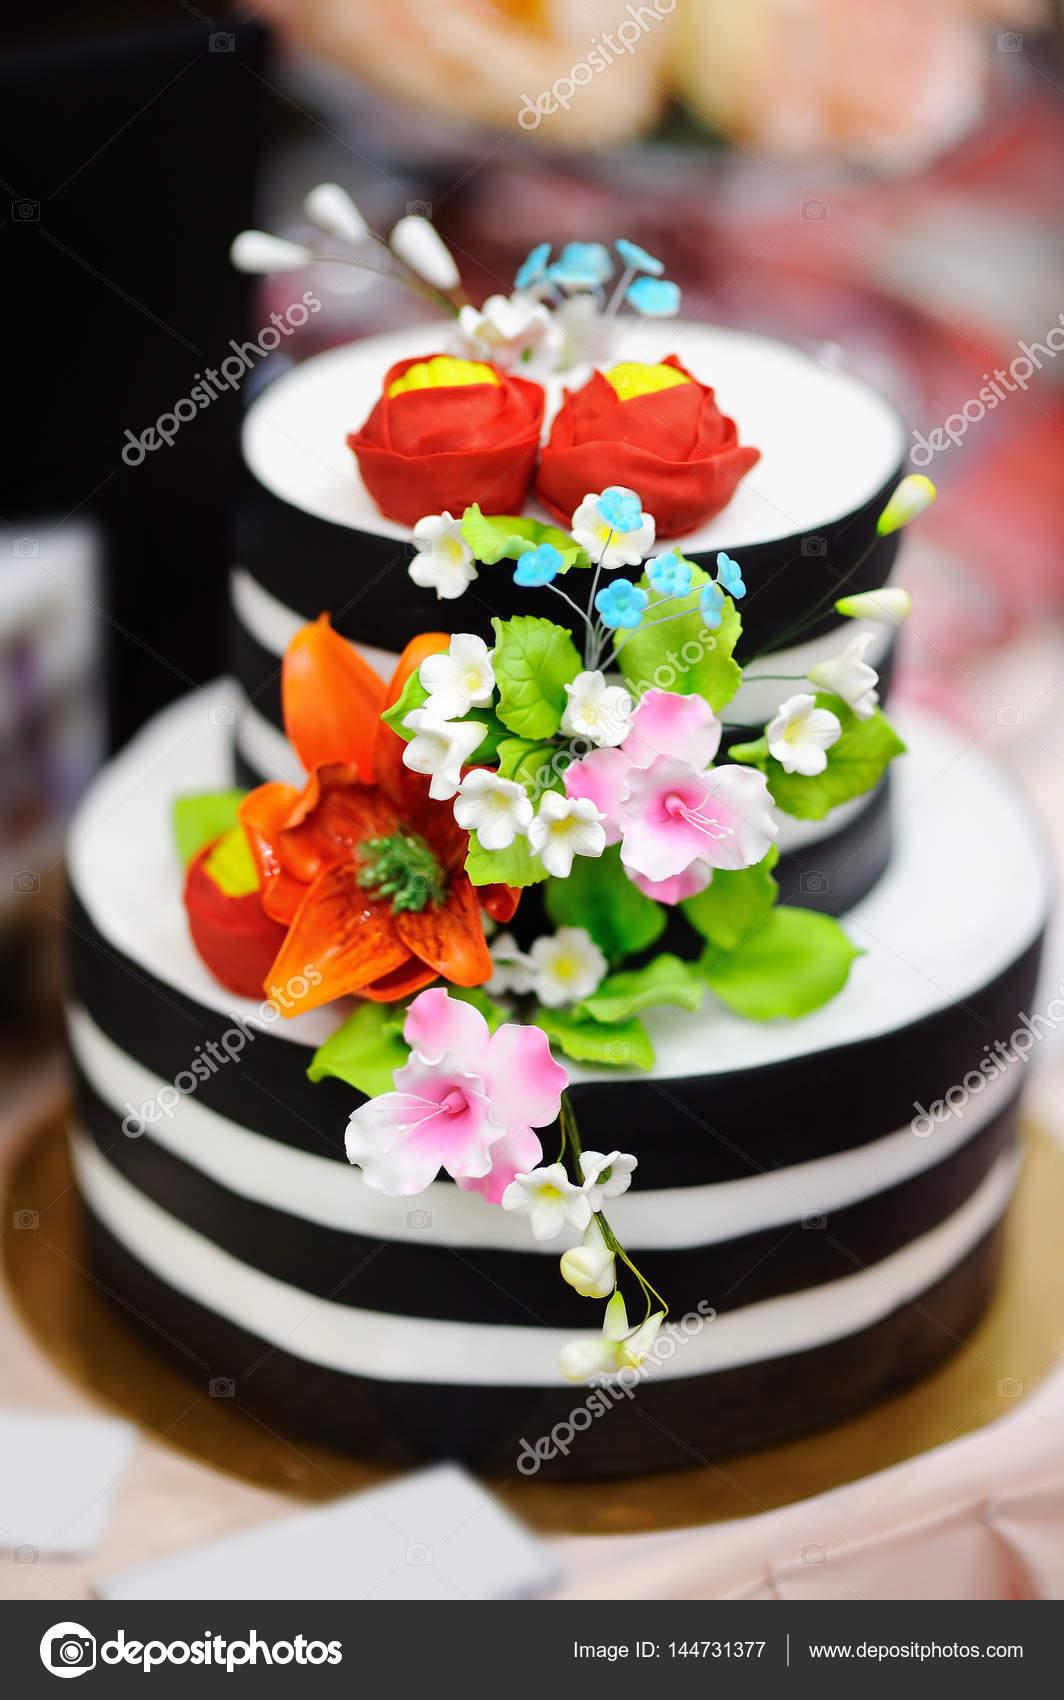 Gold Hochzeitstorte Dekoriert Mit Weissem Zucker Blumen Stockfoto